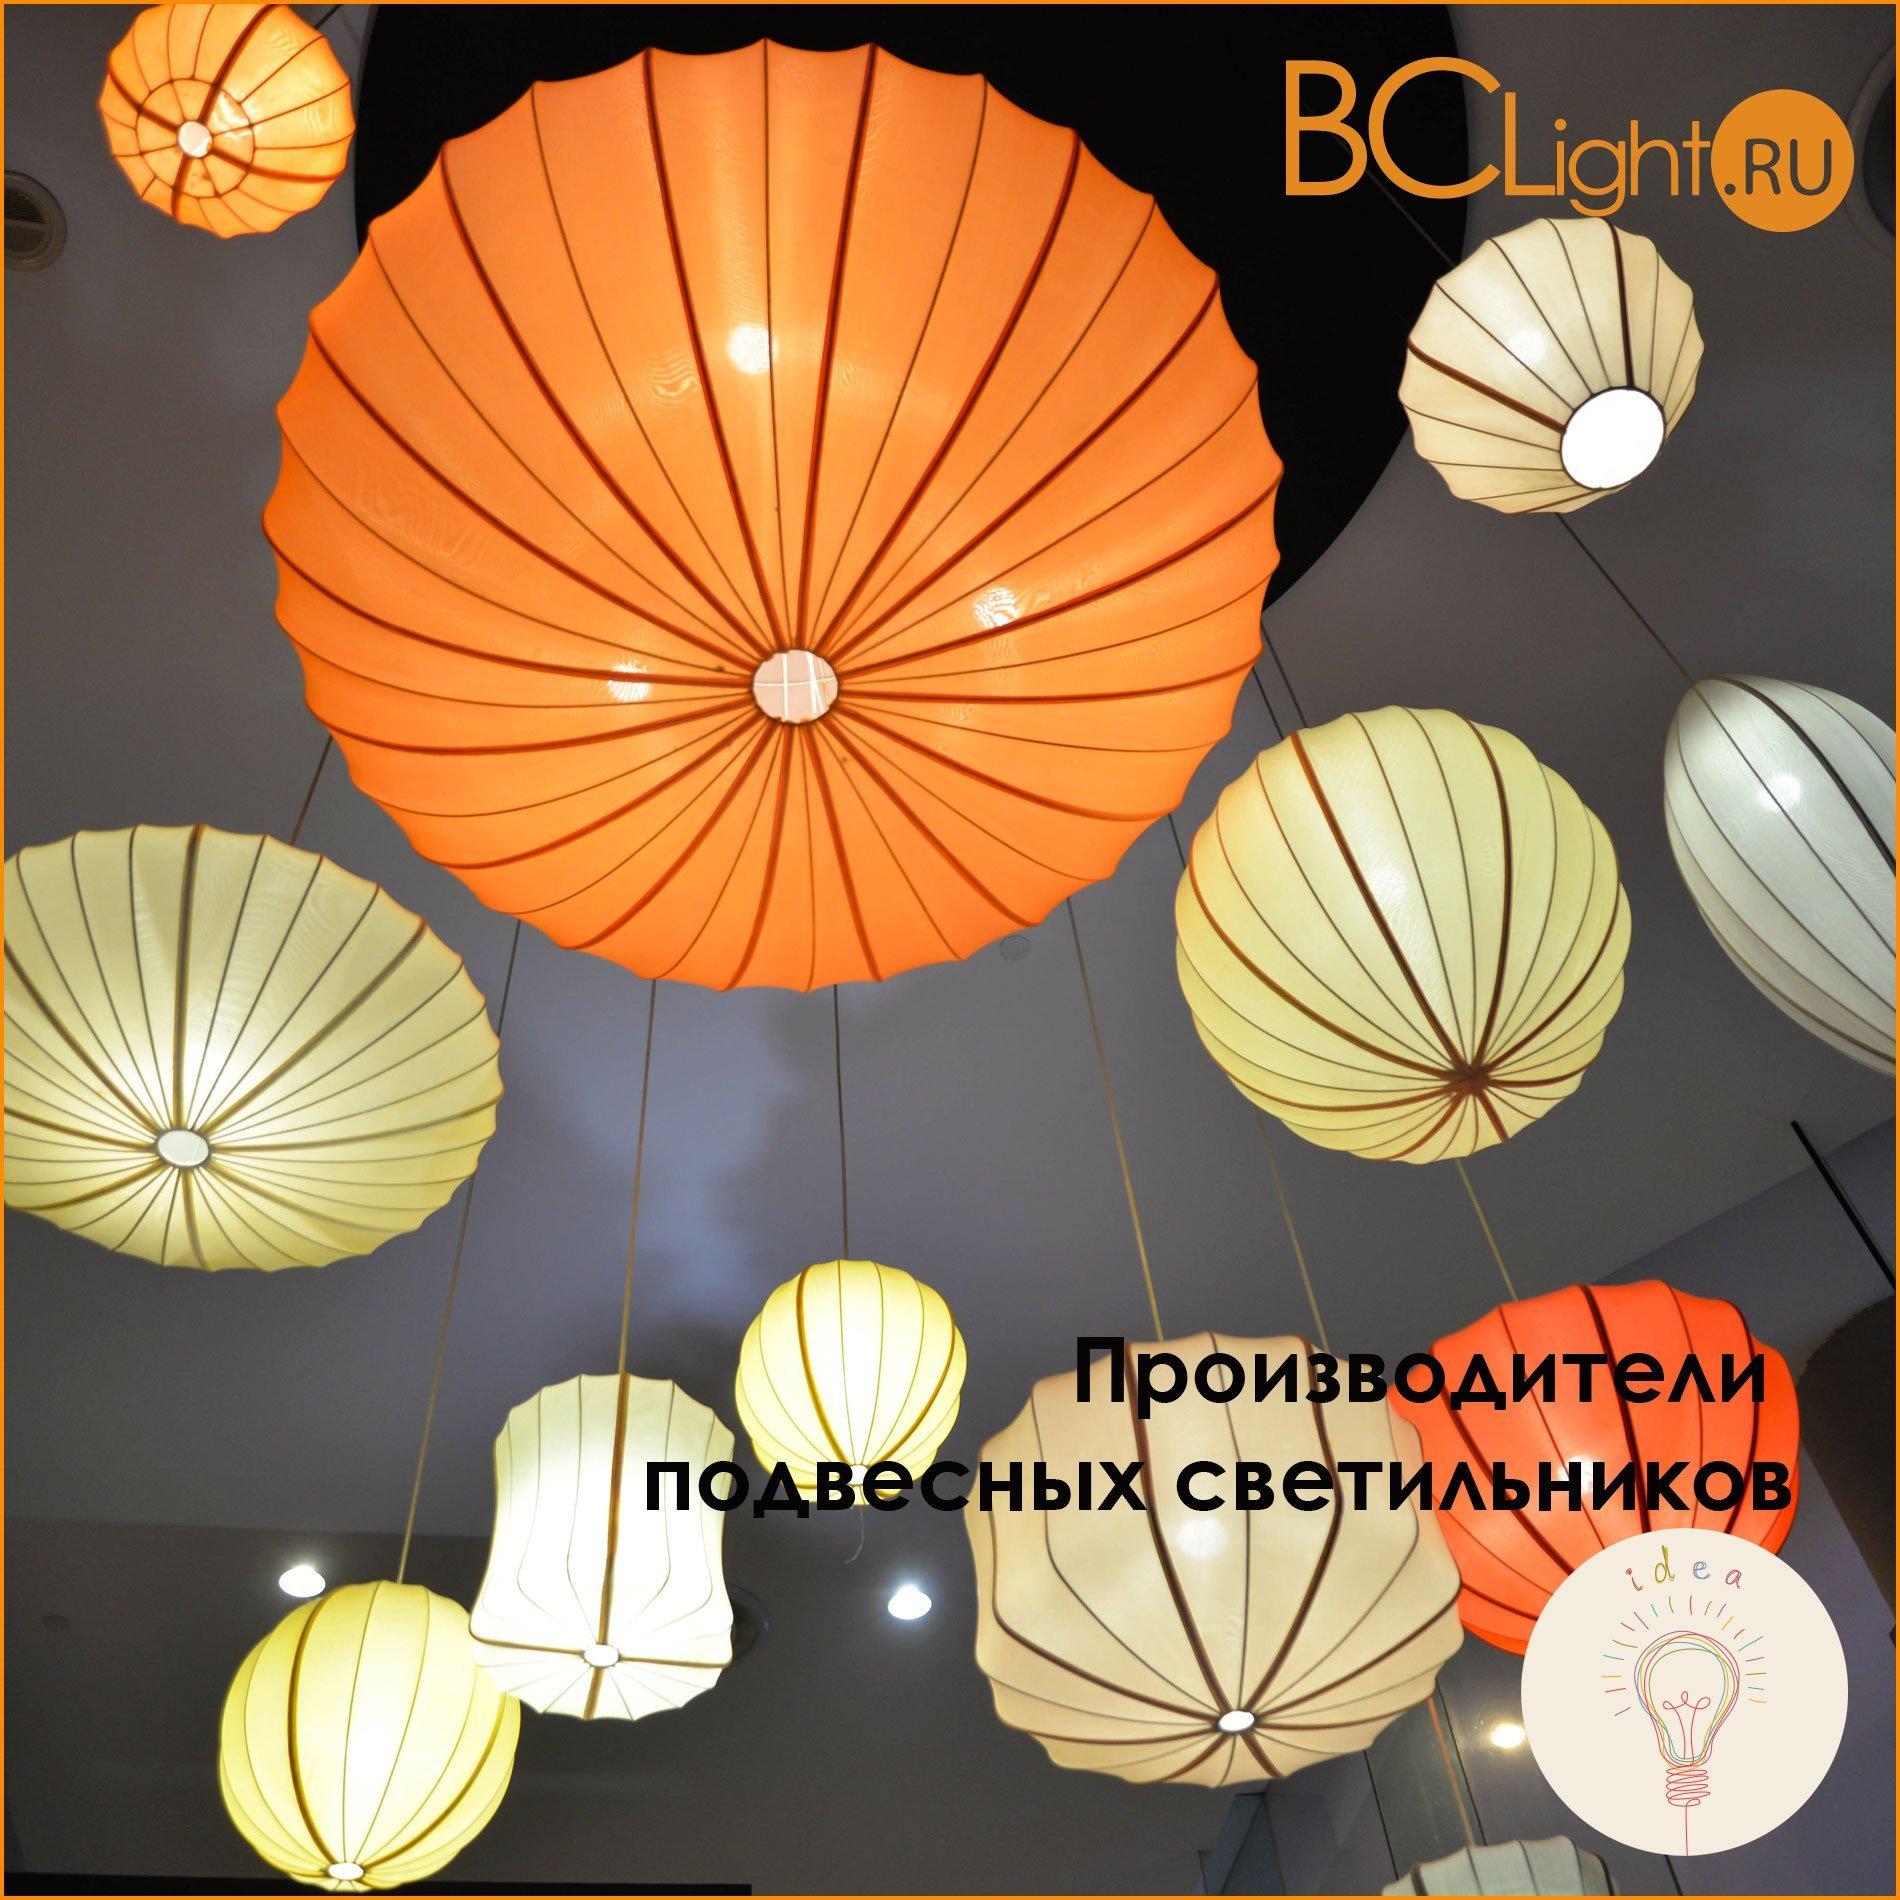 Производители подвесных светильников